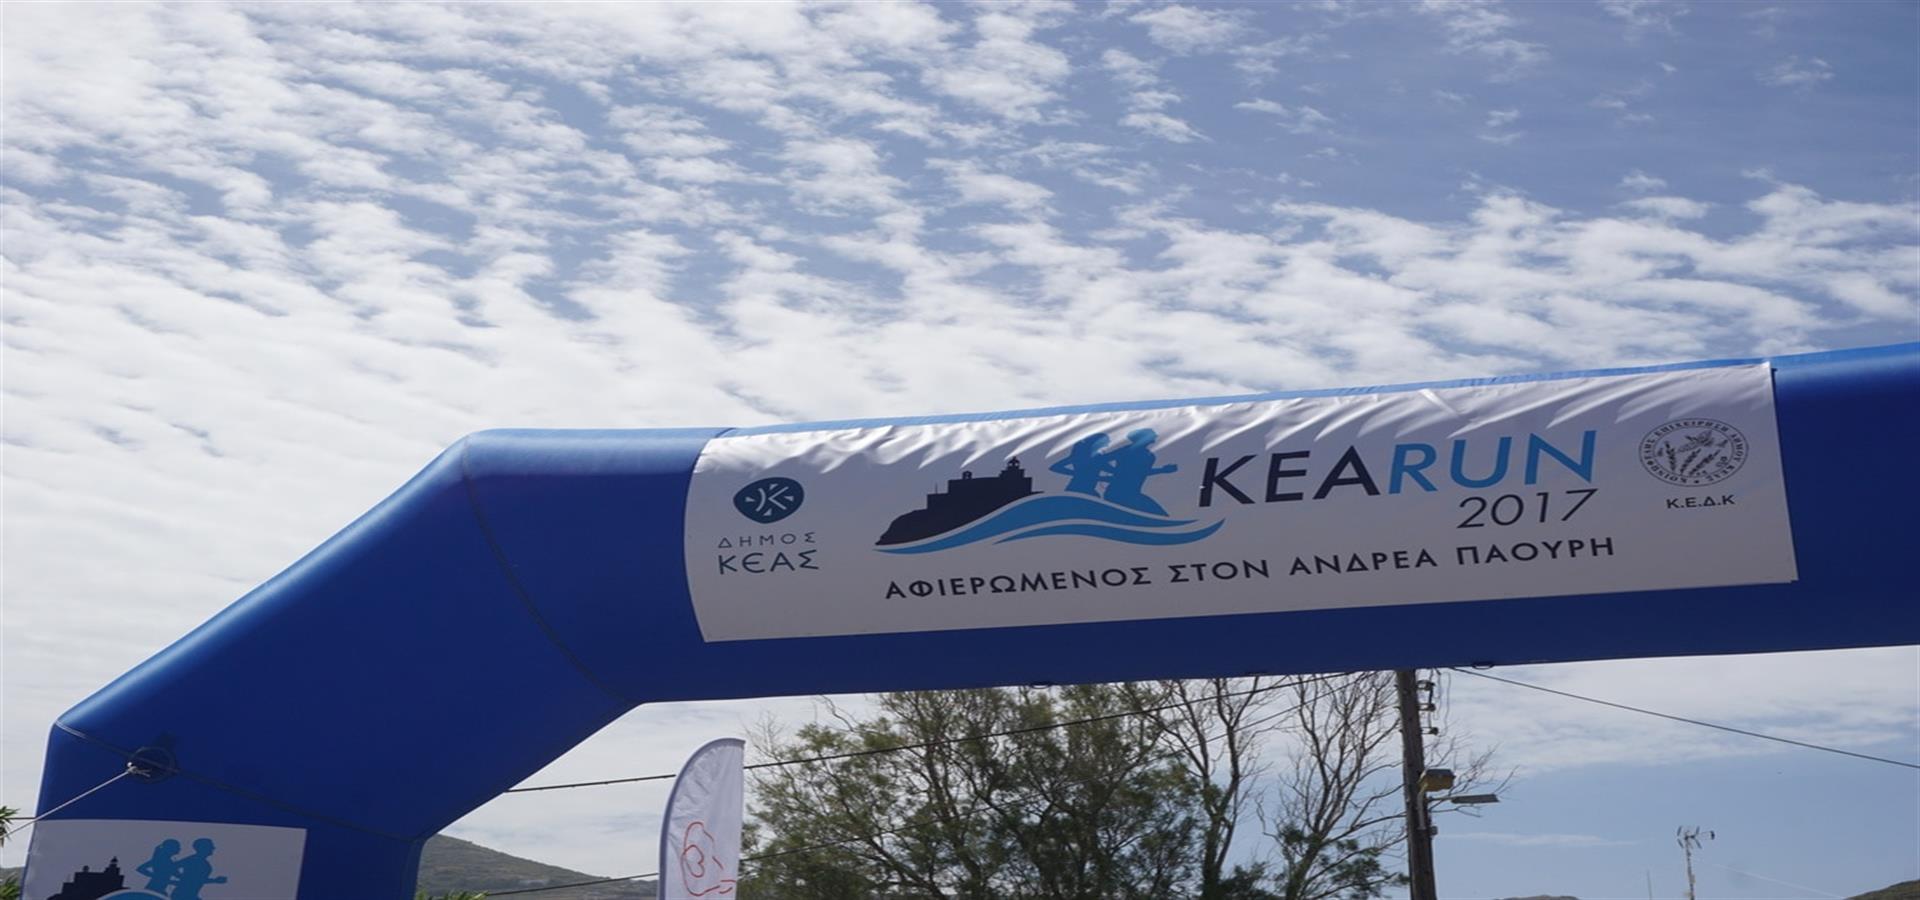 Kea Run 2019